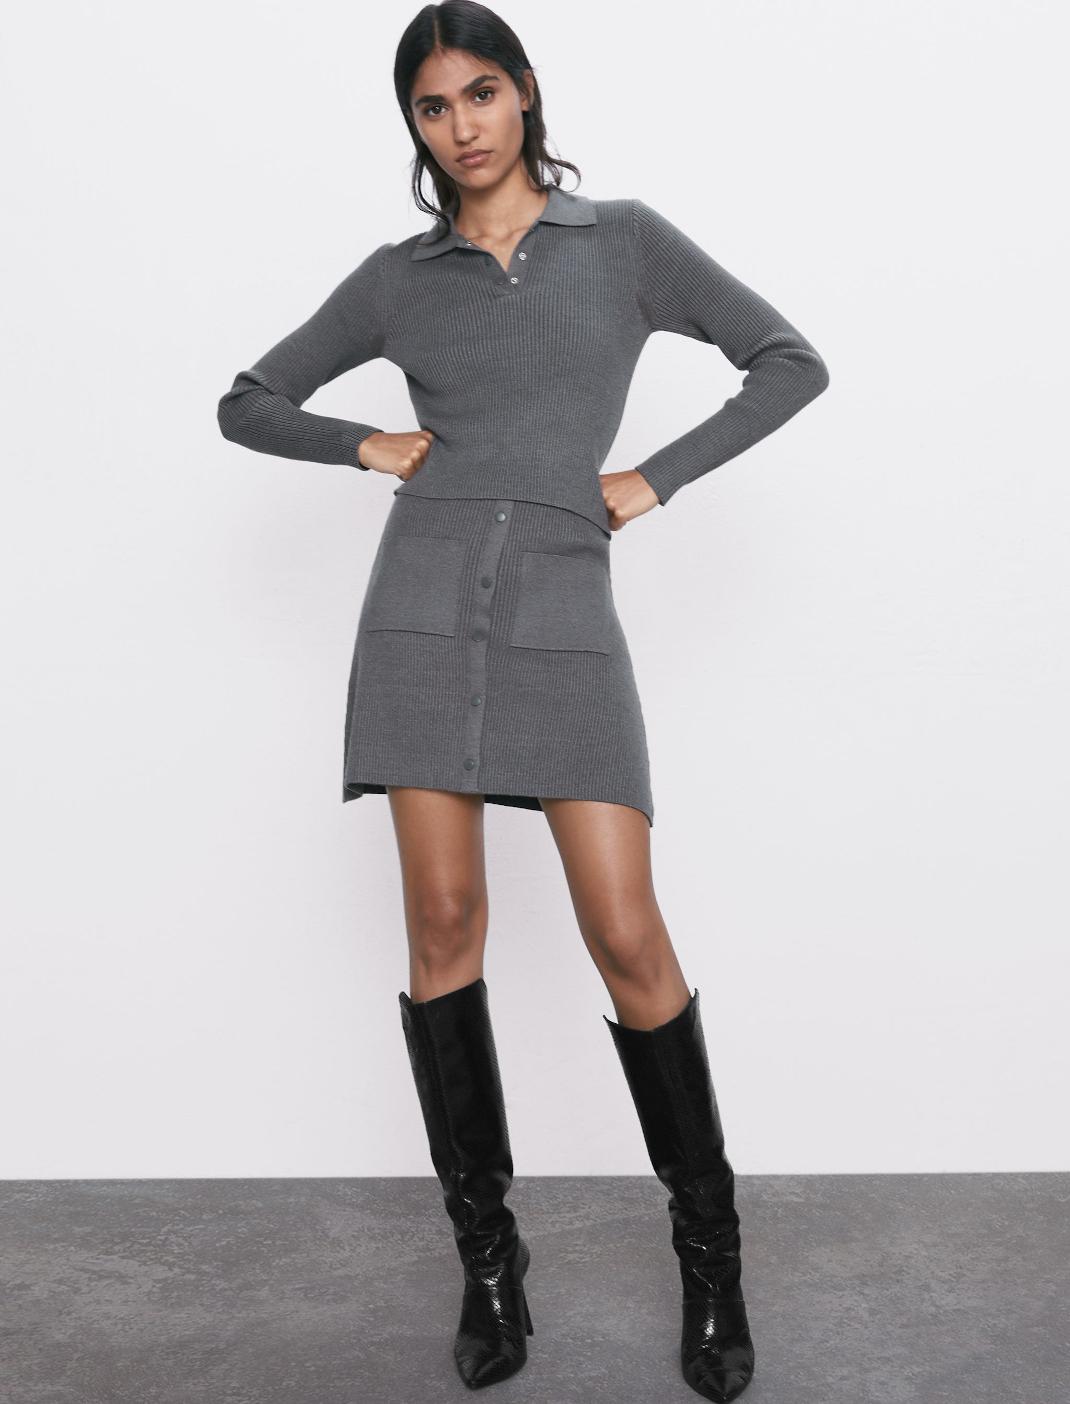 γυναίκα με τοπ και φούστα Zara